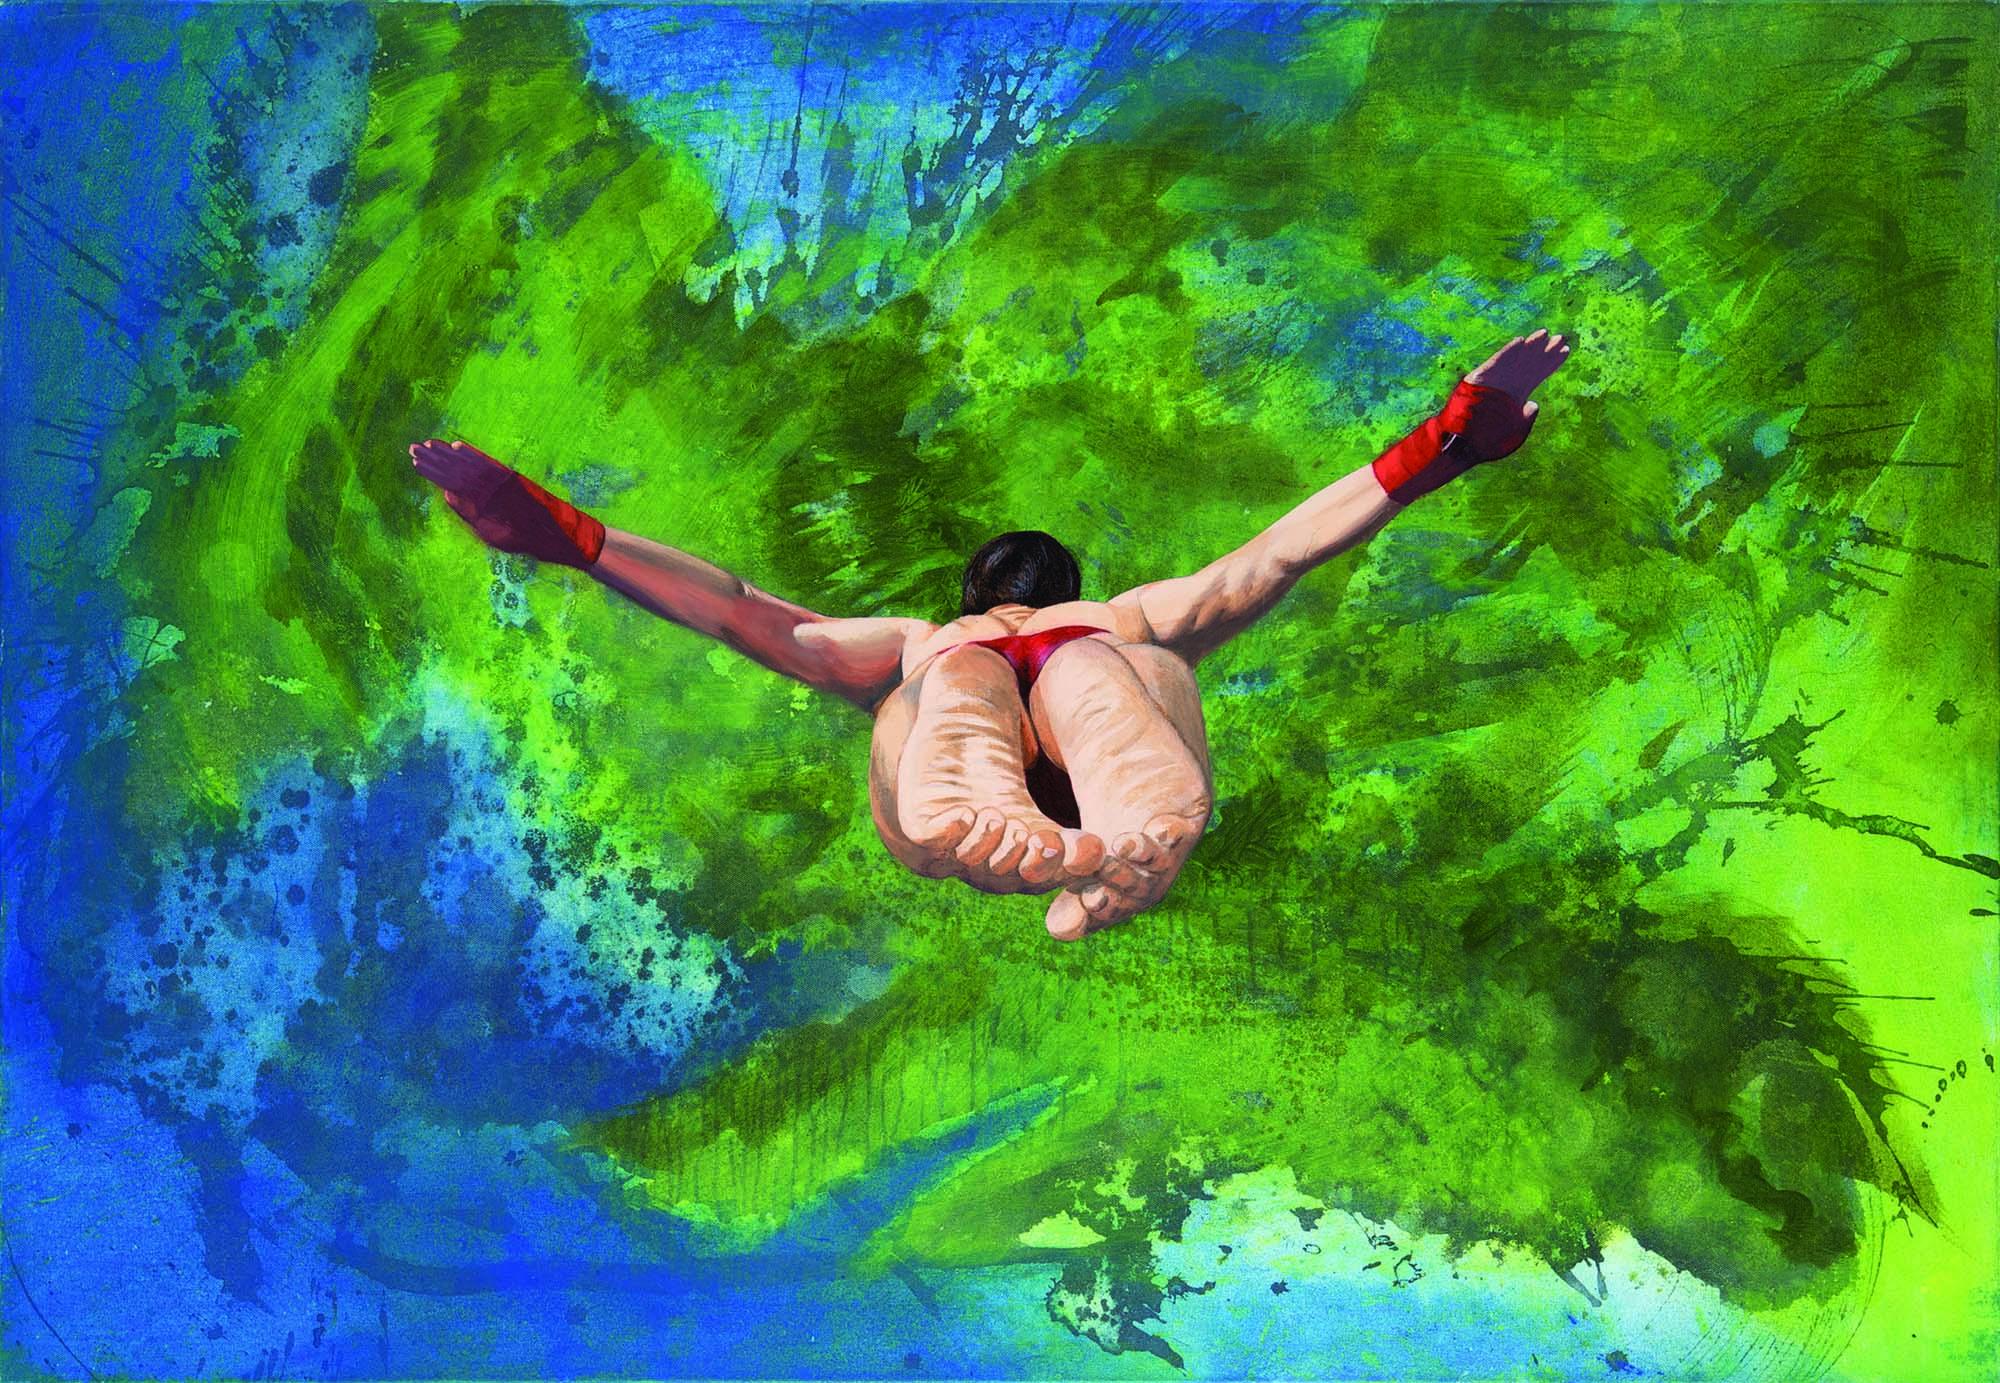 Gerhard Knell Landschaftsvisionen Landschaft Malerei Kunst Gemälde Acryl figürlich realistisch Großformatige Acrylmalerei Editionen Fine Art Prints grün blau Klippenspringer Acapulco Badehose Höhe realistisch Füsse Kruzifix